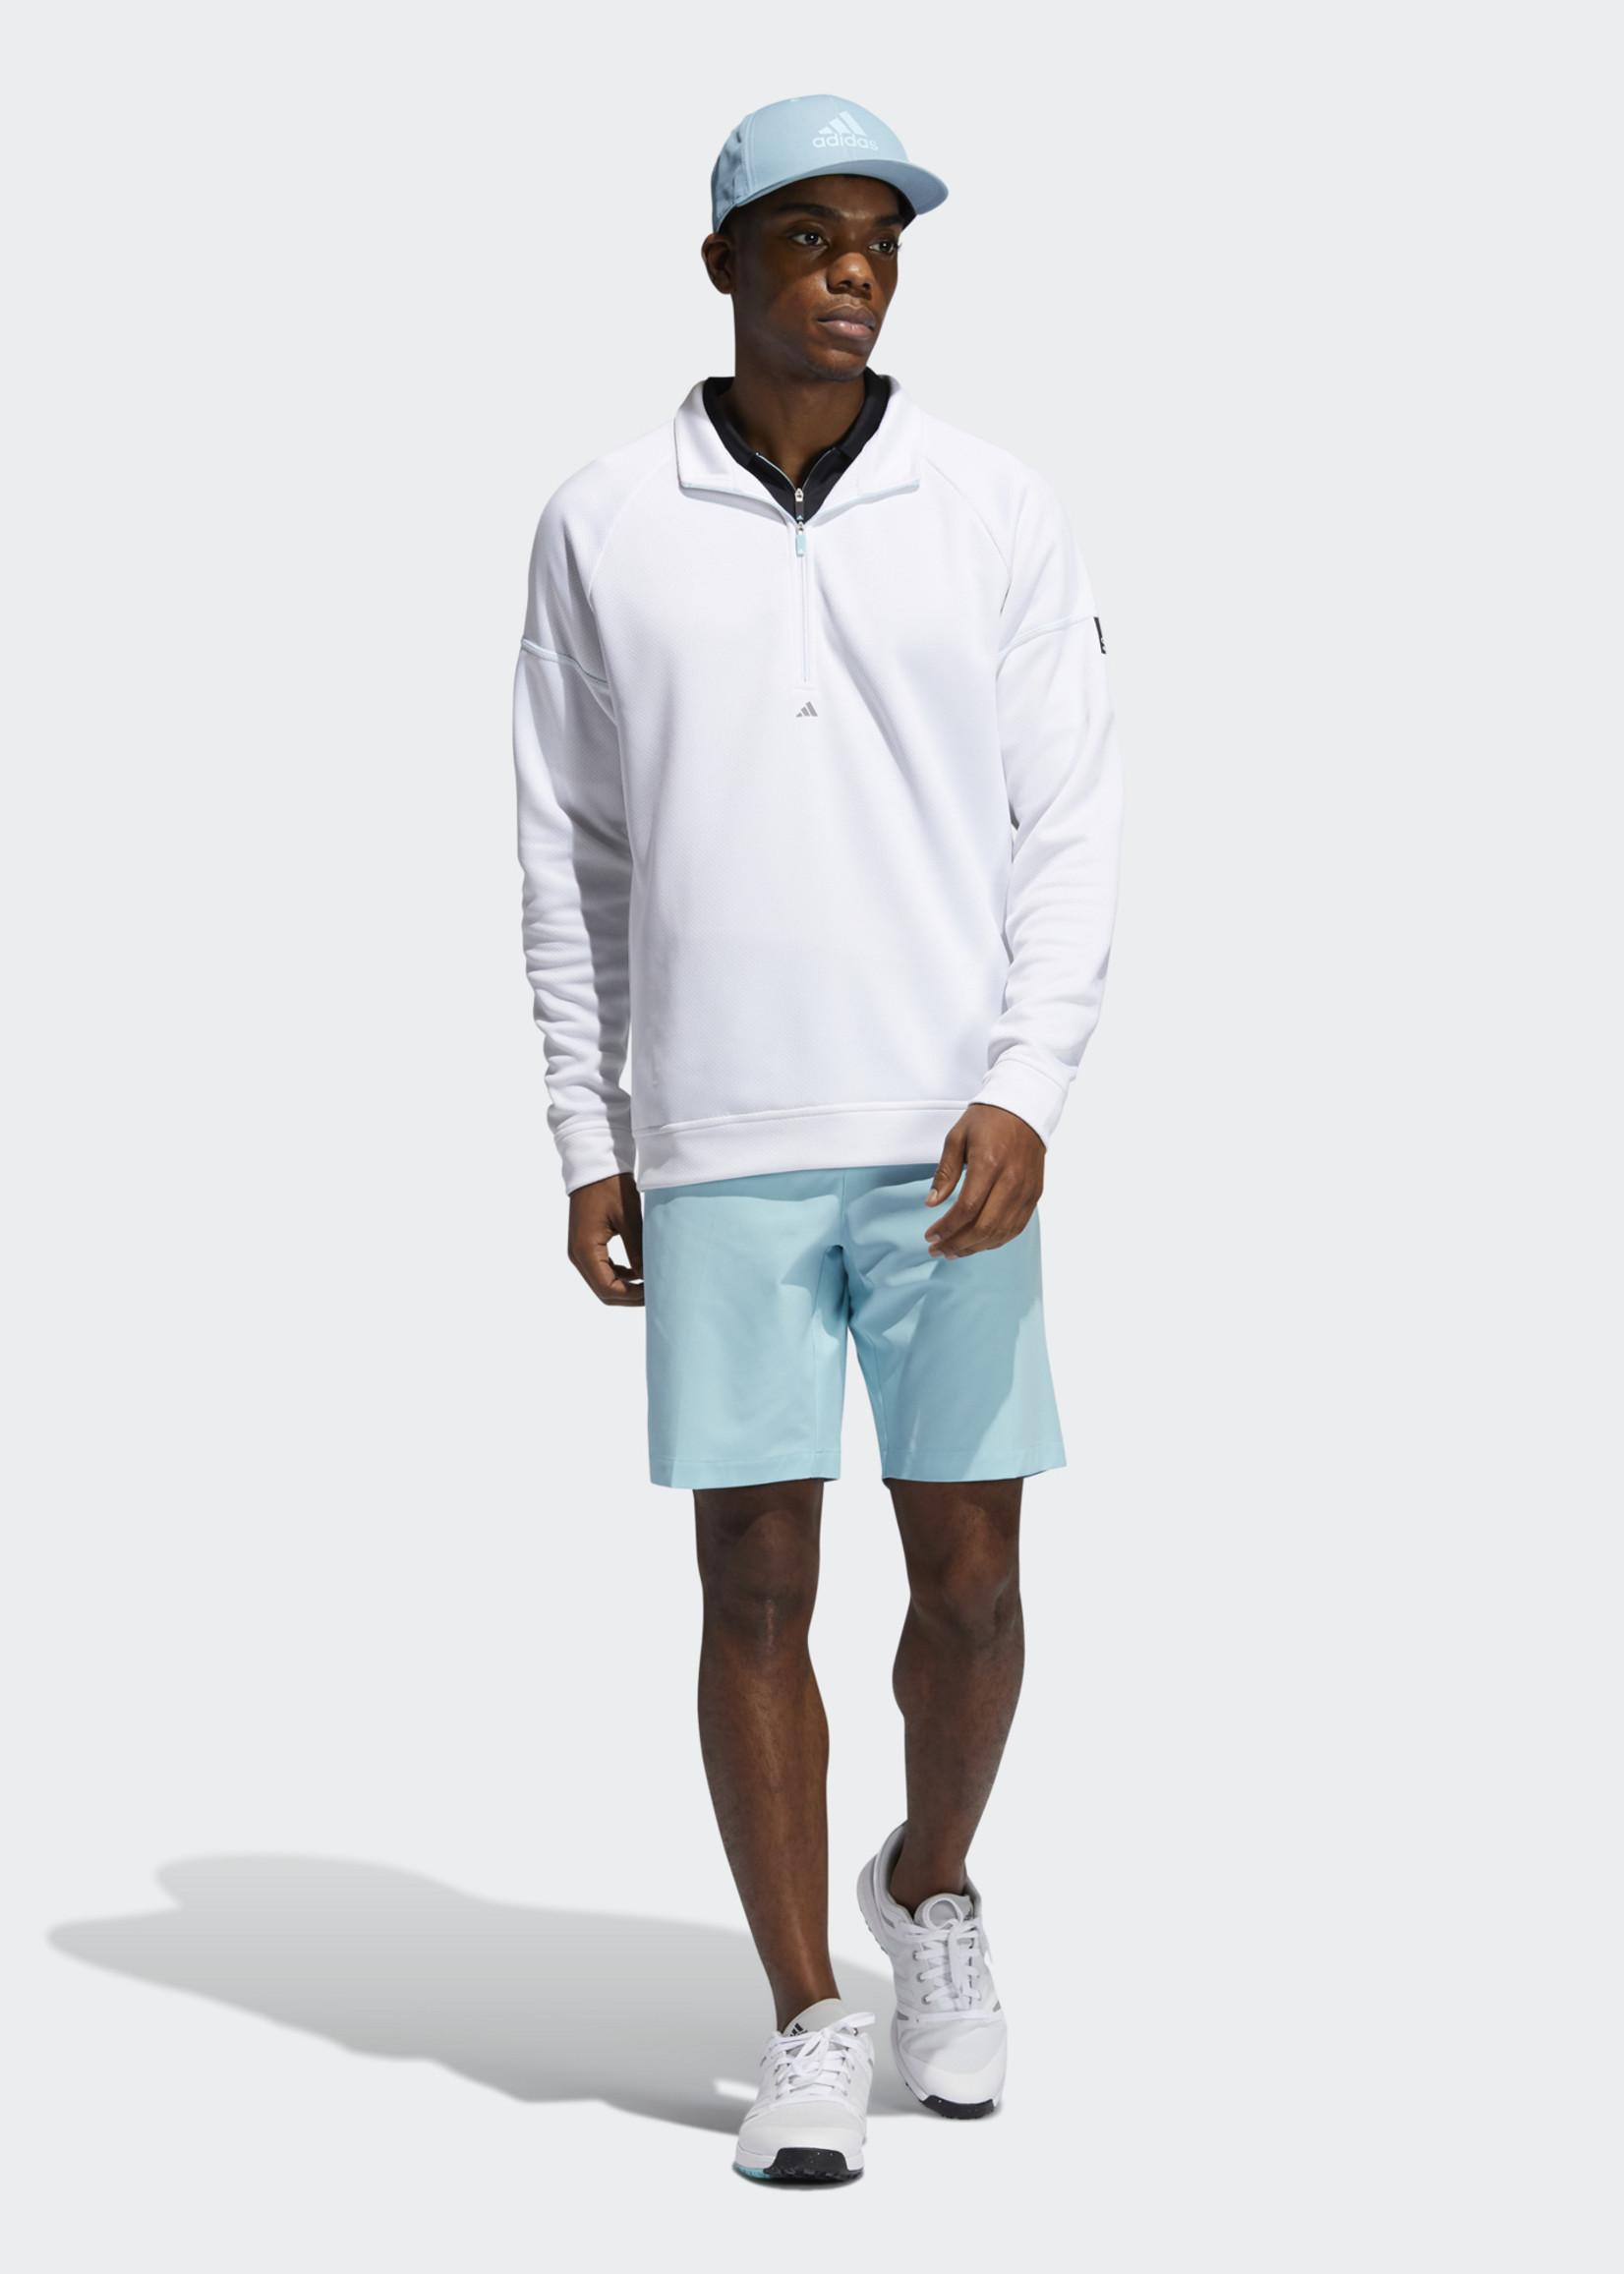 Adidas EQUIPMENT 1/4 ZIP SWEATSHIRT Wit